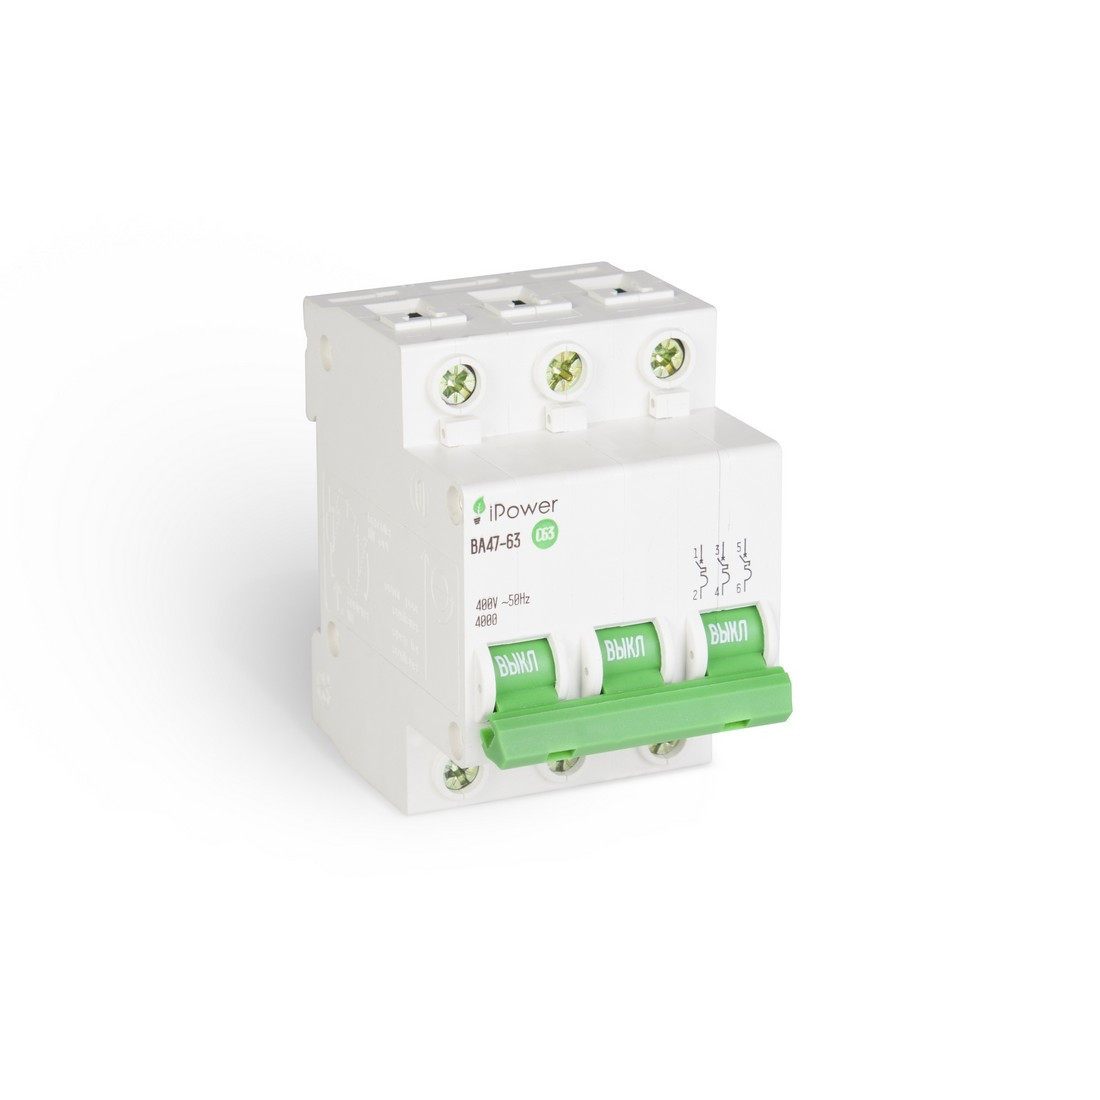 Автоматический выключатель реечный iPower ВА47-63 3P 10А, 230/400 В, Кол-во полюсов: 3, Предел отключения: 4,5